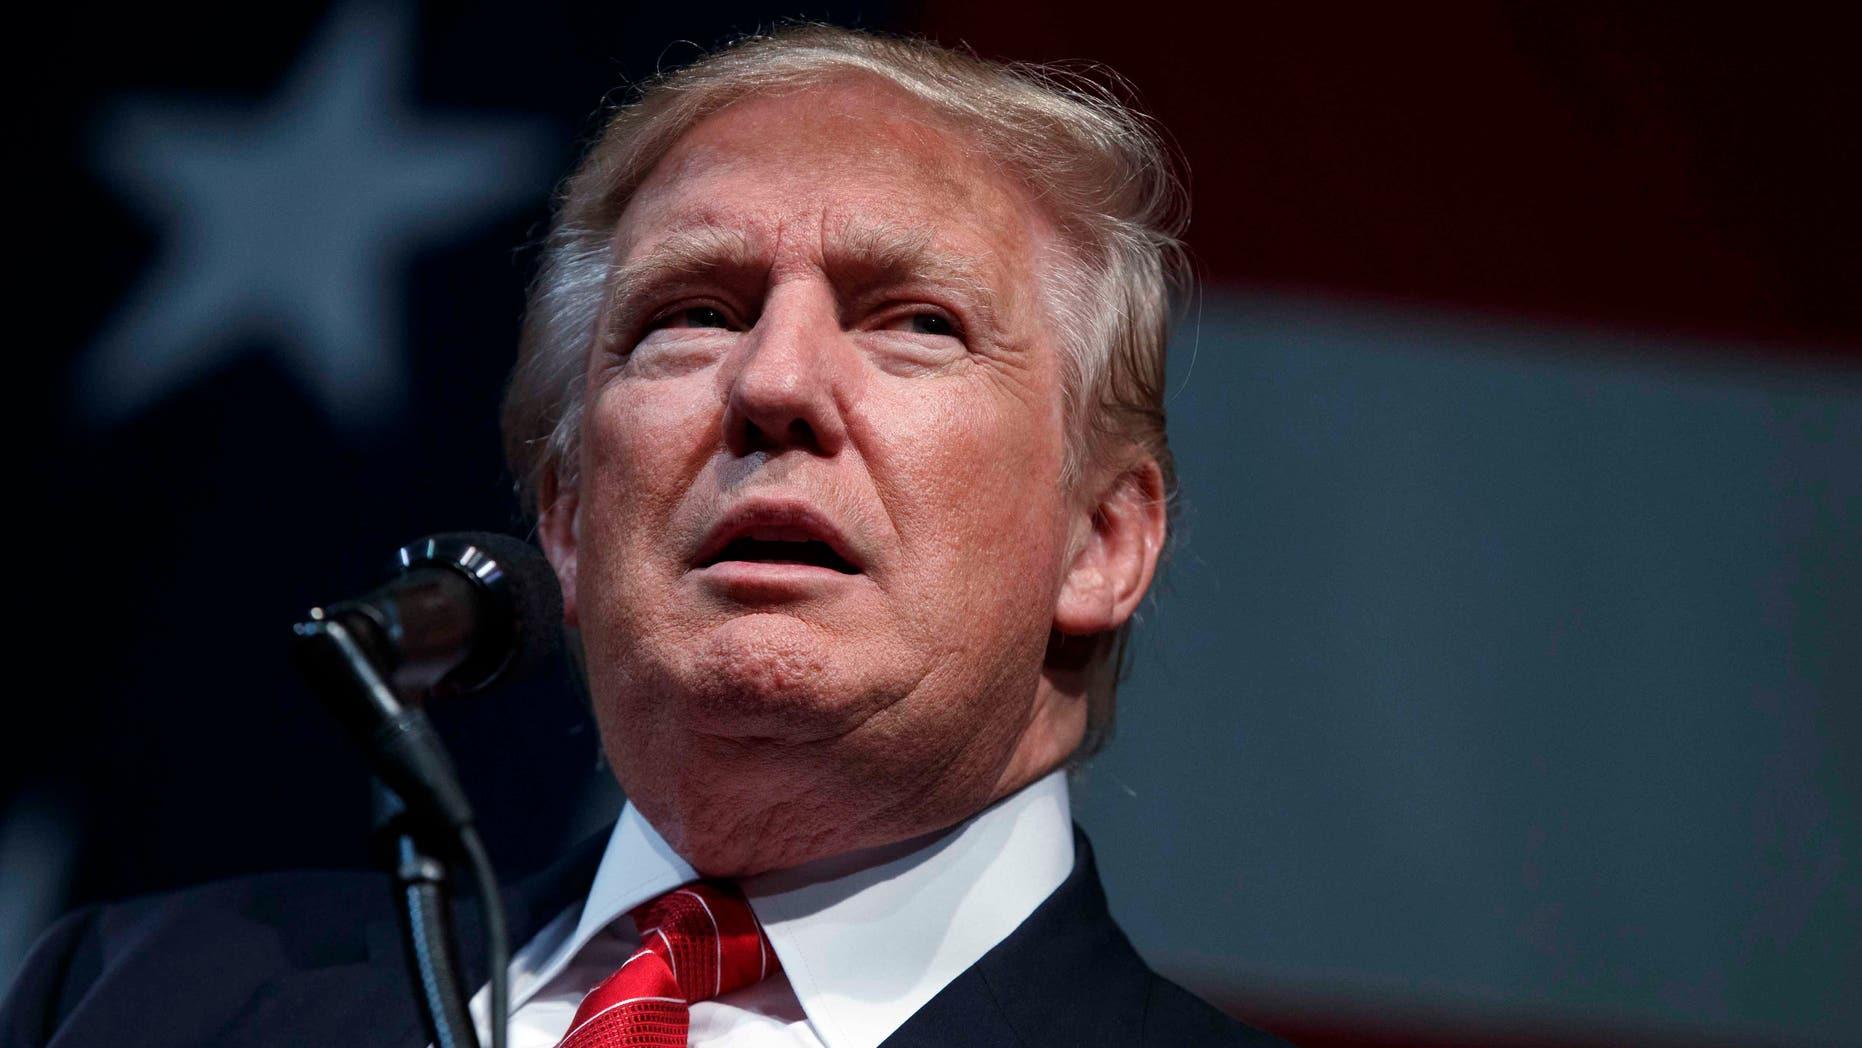 El candidato republicano a la presidencia, Donald Trump, habla durante un mitin de campaña en el Crown Arena, el martes 9 de agosto de 2016, en Fayetteville, North Carolina. (AP Foto/Evan Vucci)